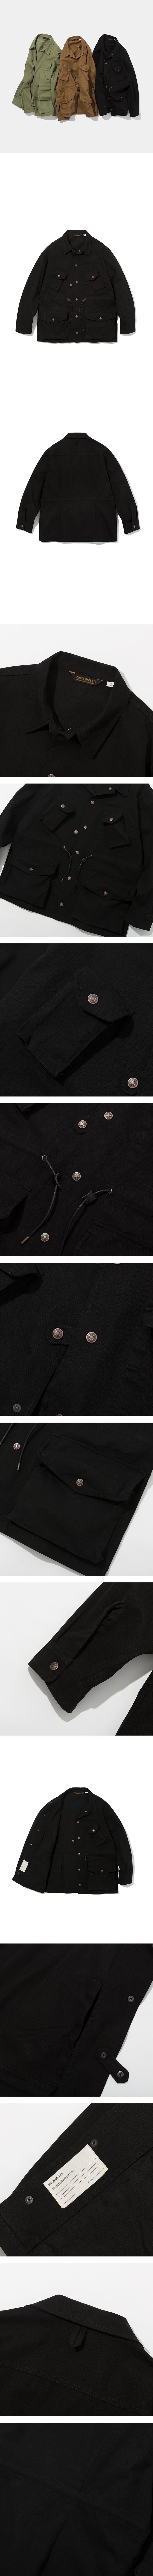 유니폼브릿지(UNIFORM BRIDGE) 19ss canadian combat coat black